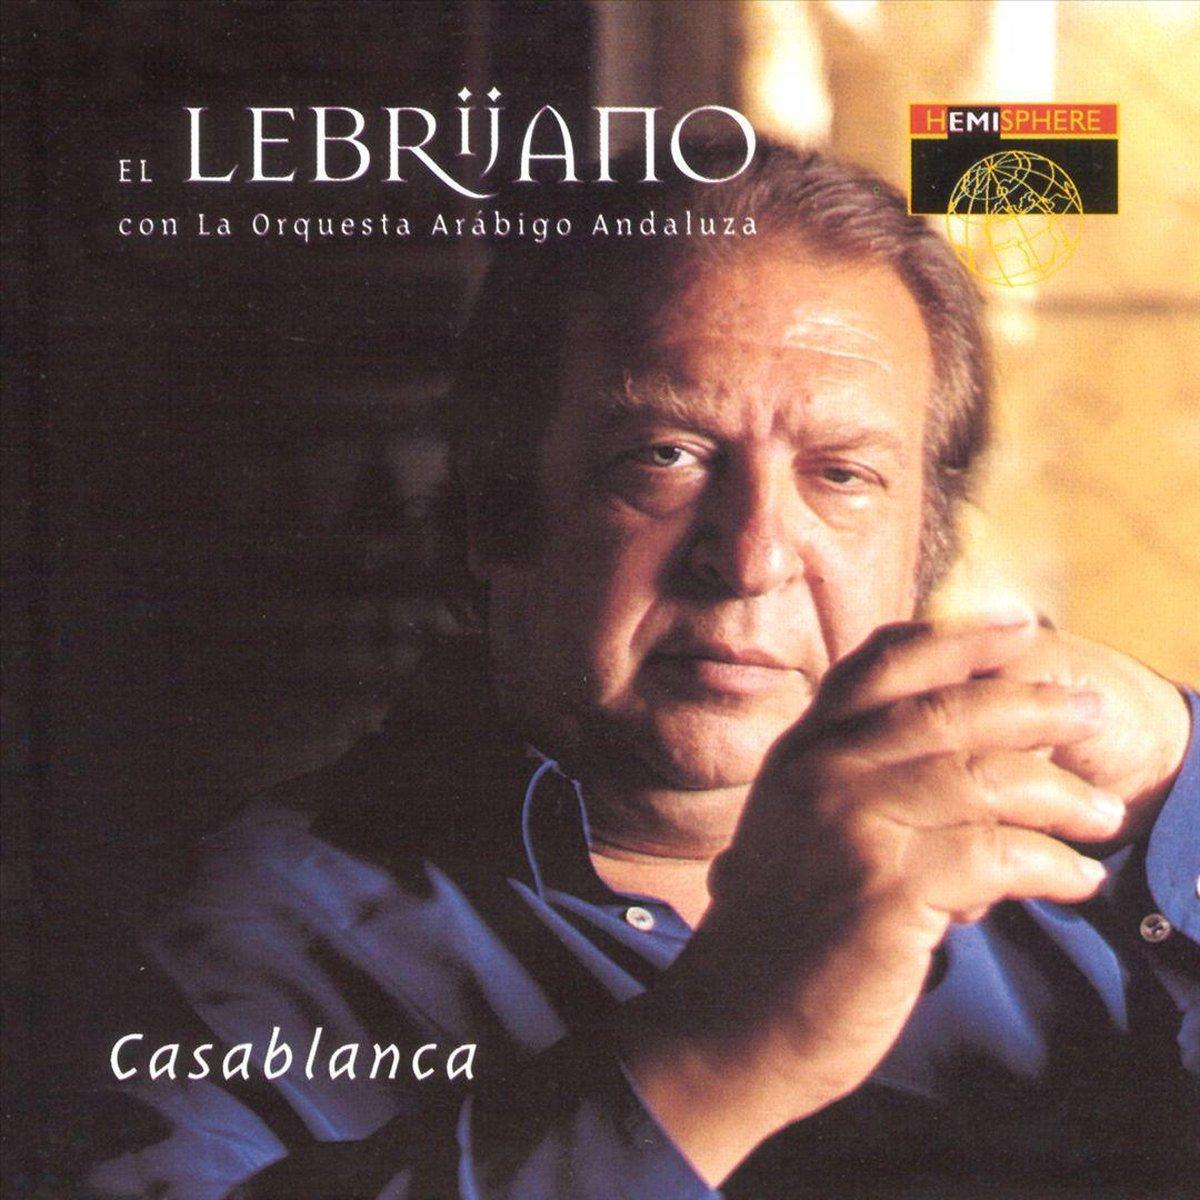 Casablanca - El Lebrijano